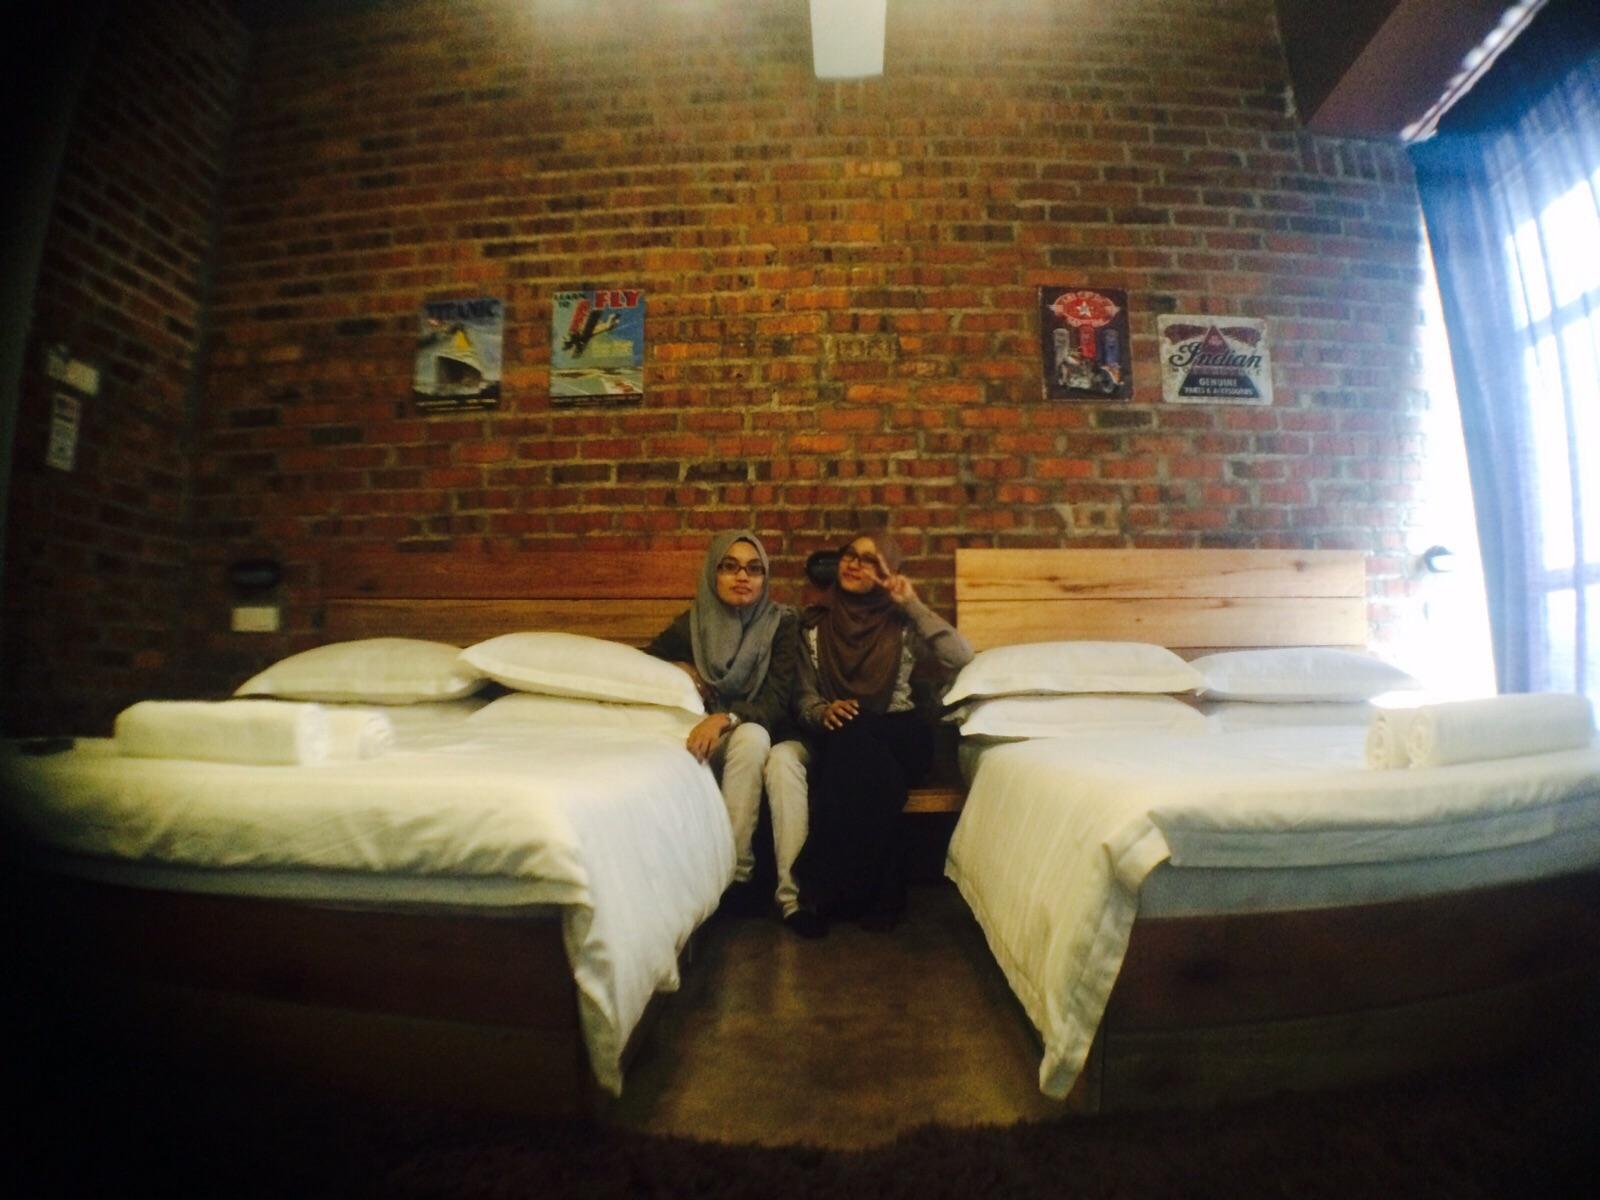 Boleh Mandikan Anak Sekaligus Haha Pemanas Air Tuala Sabun Dan Syampu Juga Disediakan Untuk Pengunjung Yang Menginap Di Hotel Ini